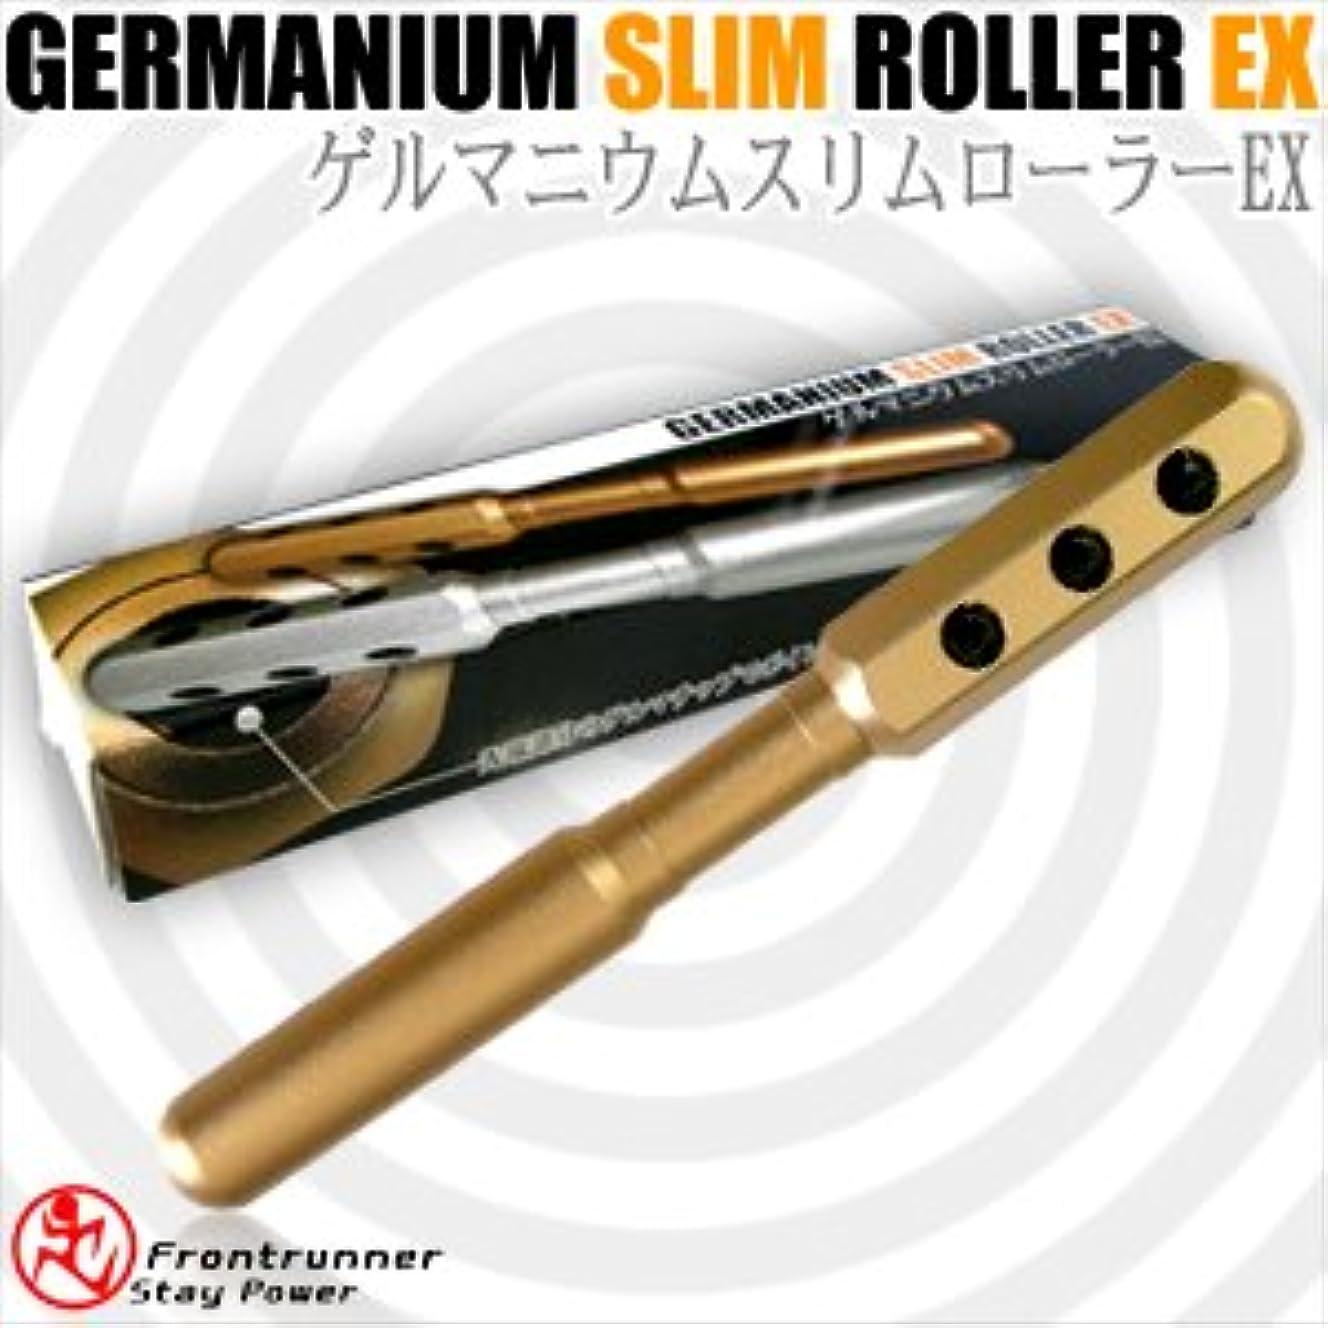 彼女のコメンテーター最大のゲルマニウムスリムローラーEX(ゴールド)